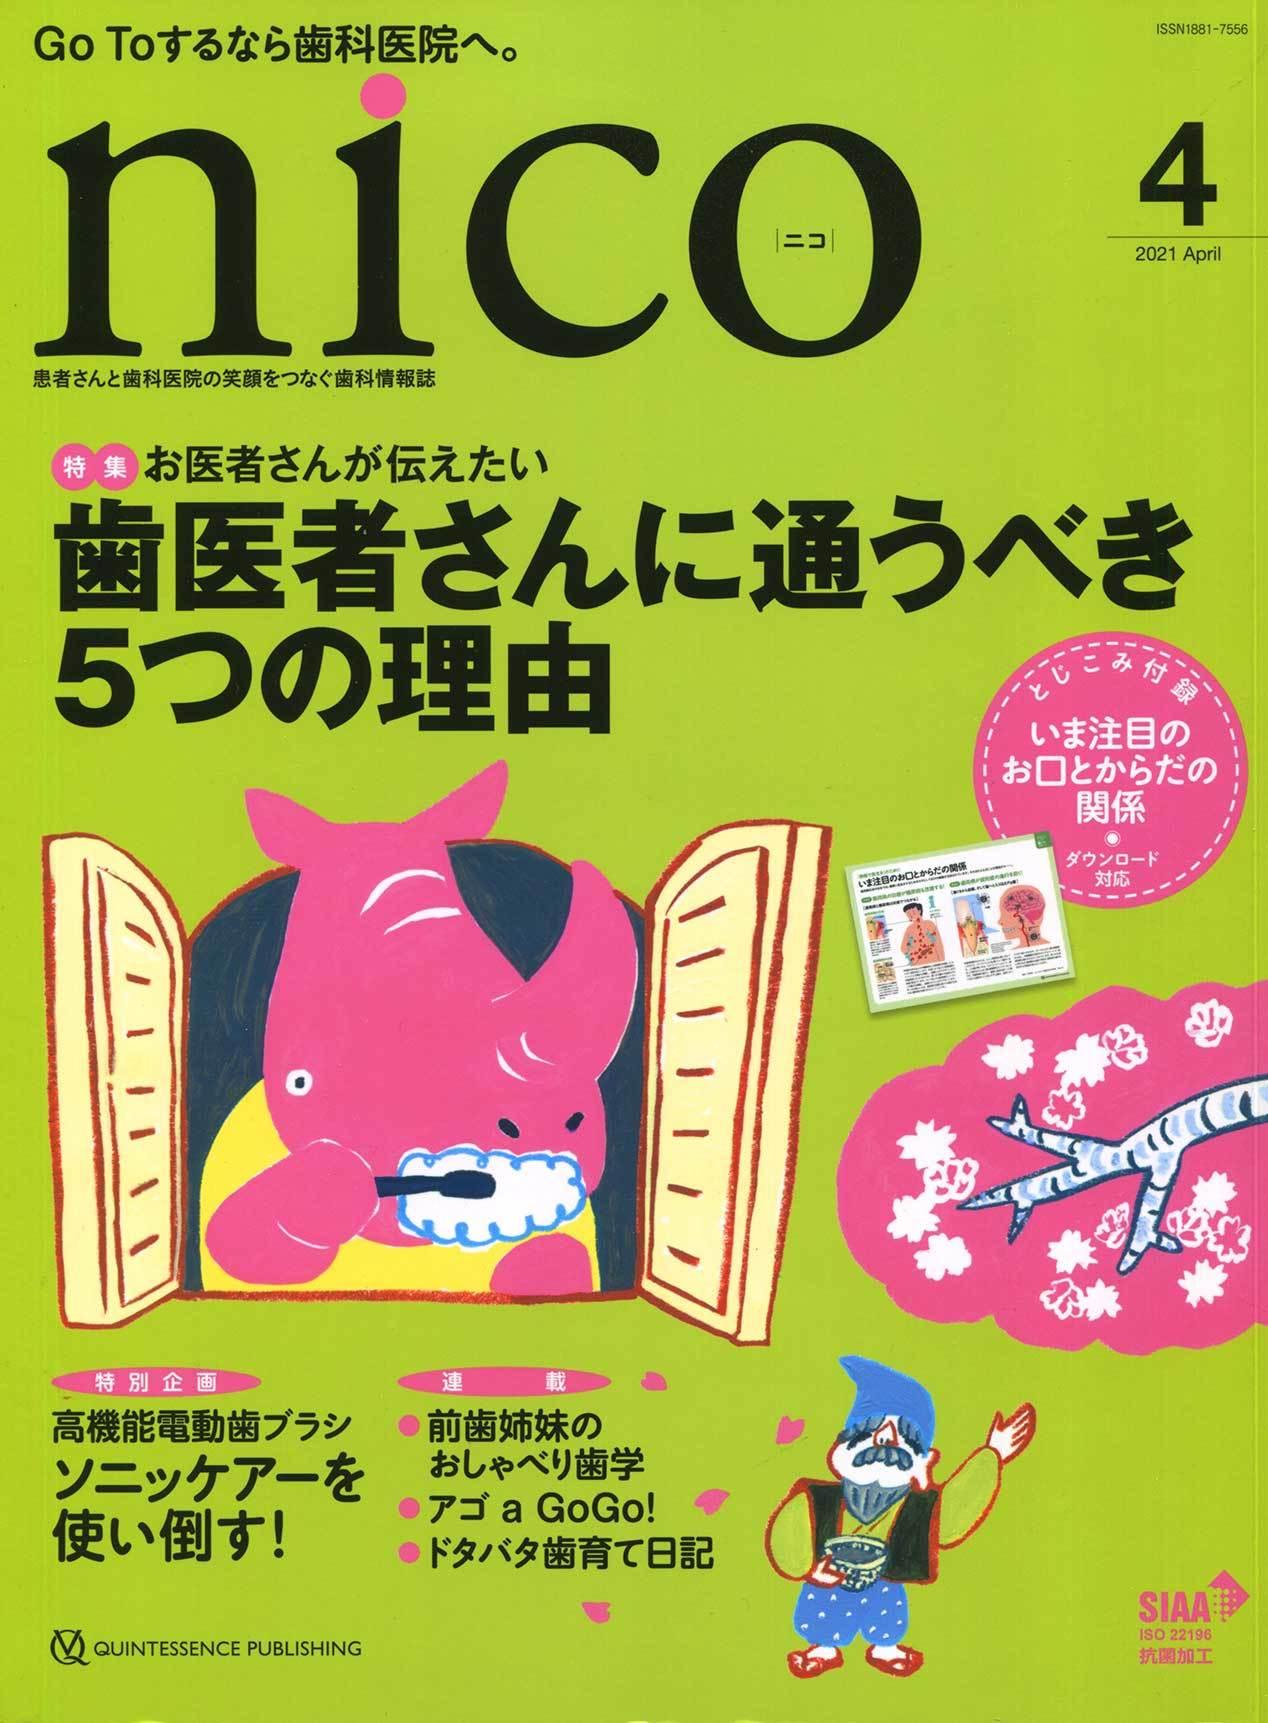 歯科情報誌 nico 2021年4月号 表紙イラストレーション_a0048227_18594920.jpg